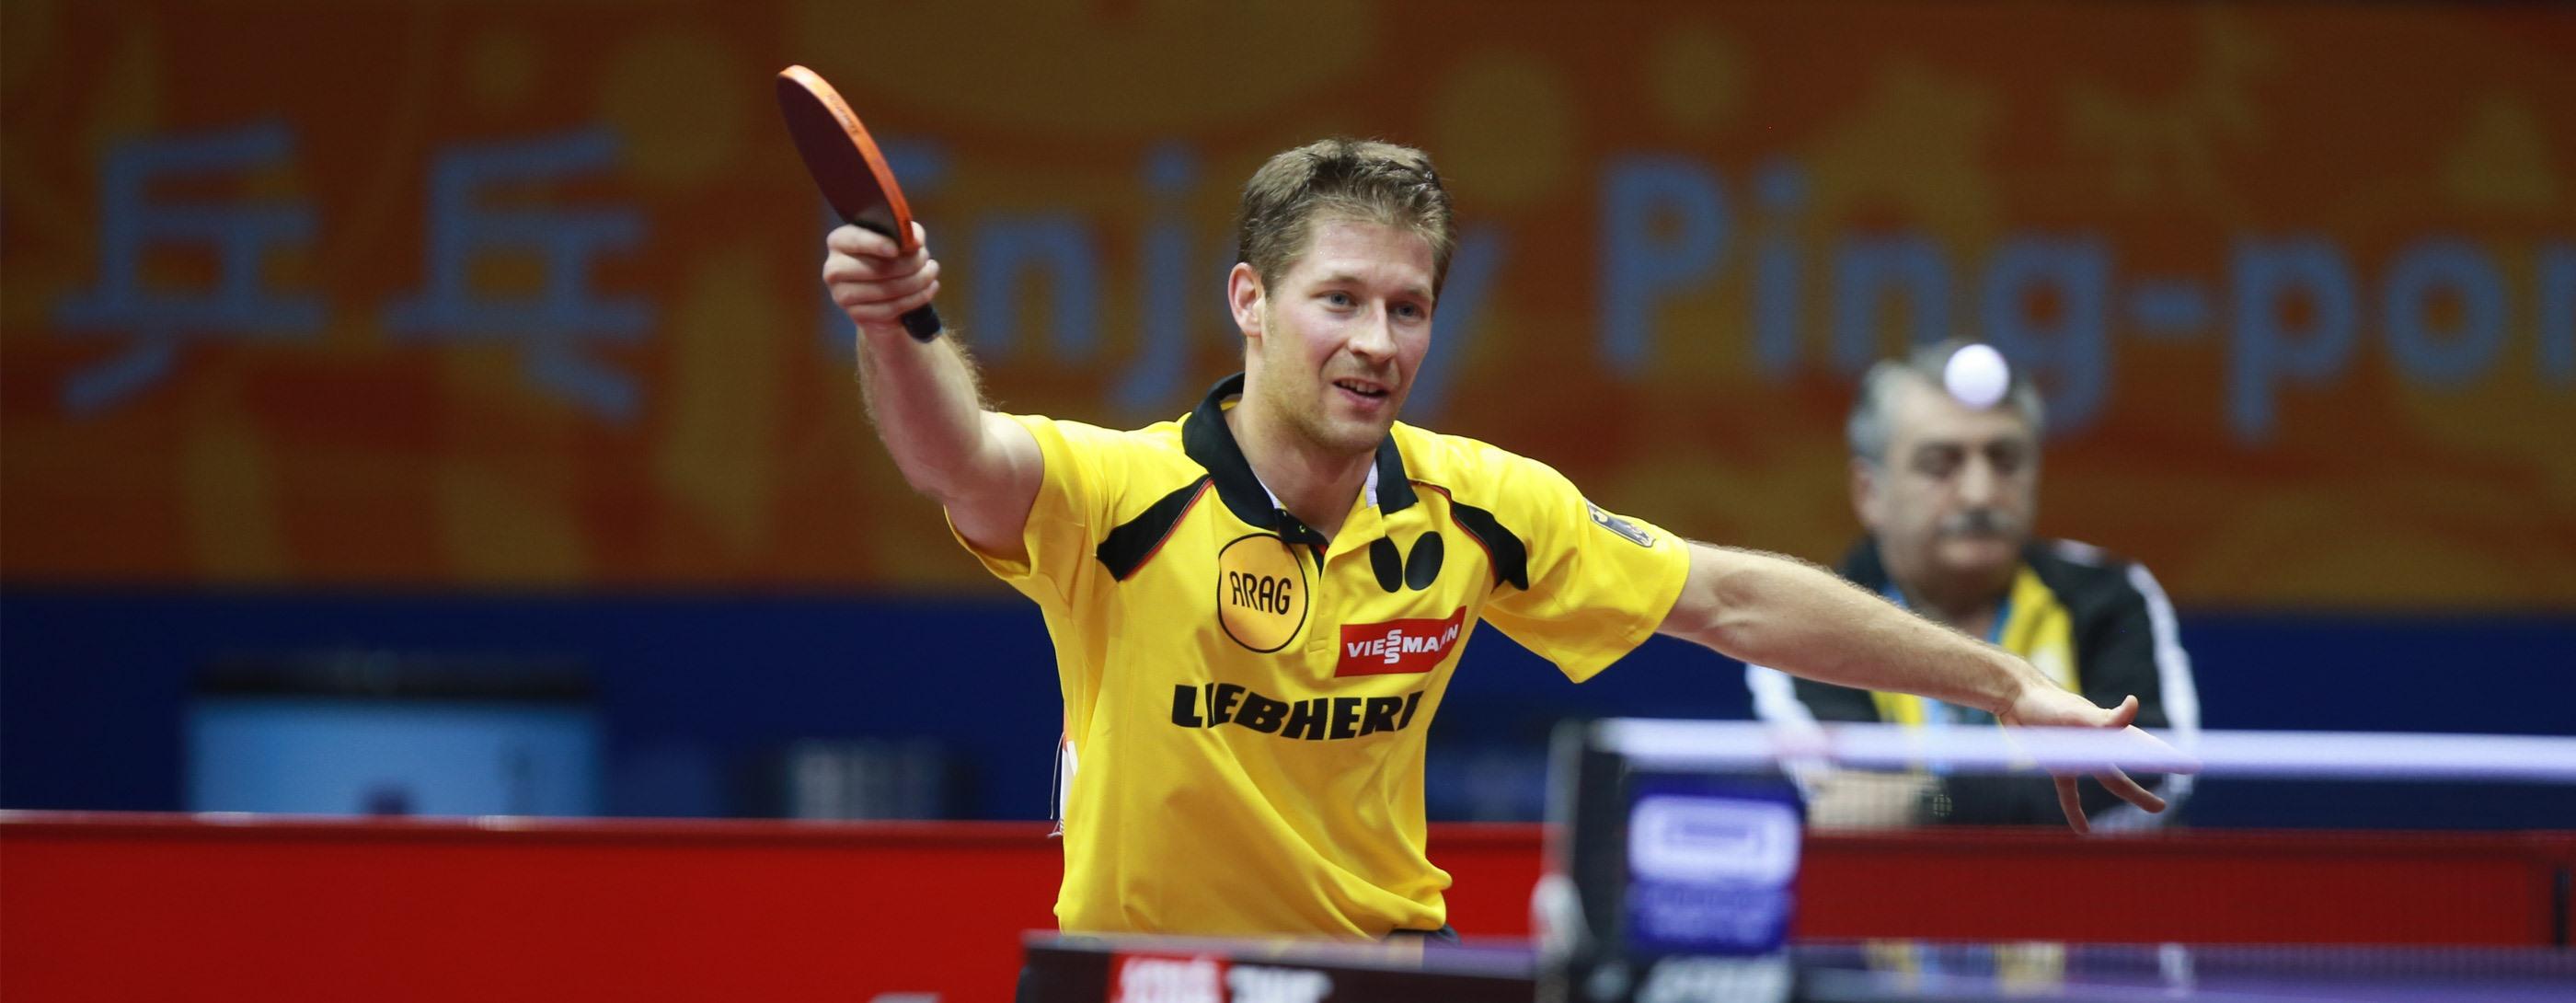 Dusseldorf Masters IV: Video Highlights